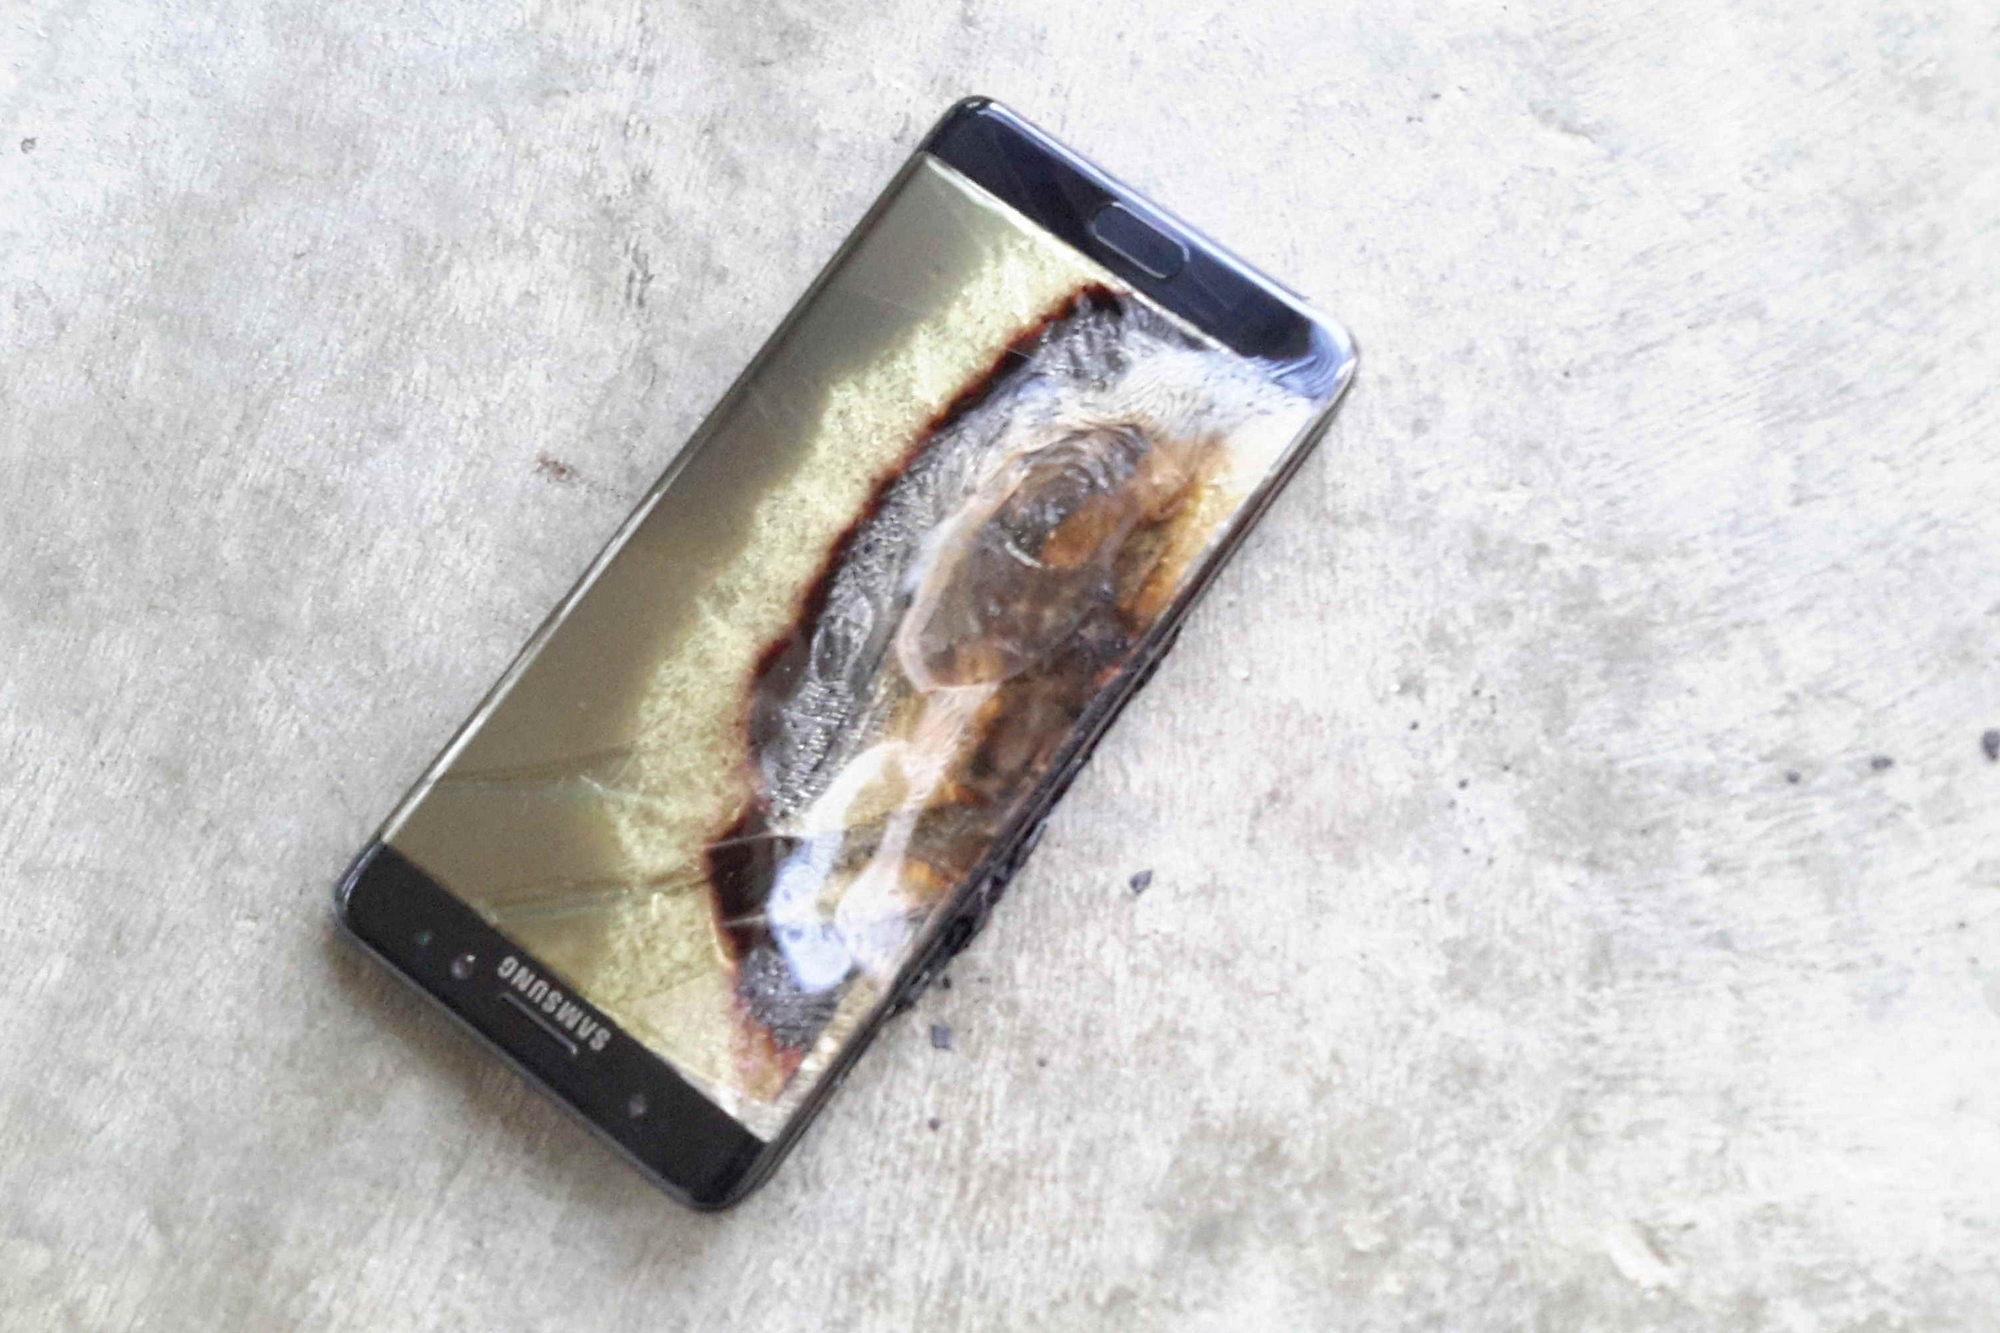 Samsung abandona para siempre la venta y fabricación del Galaxy Note 7 tras explosiones